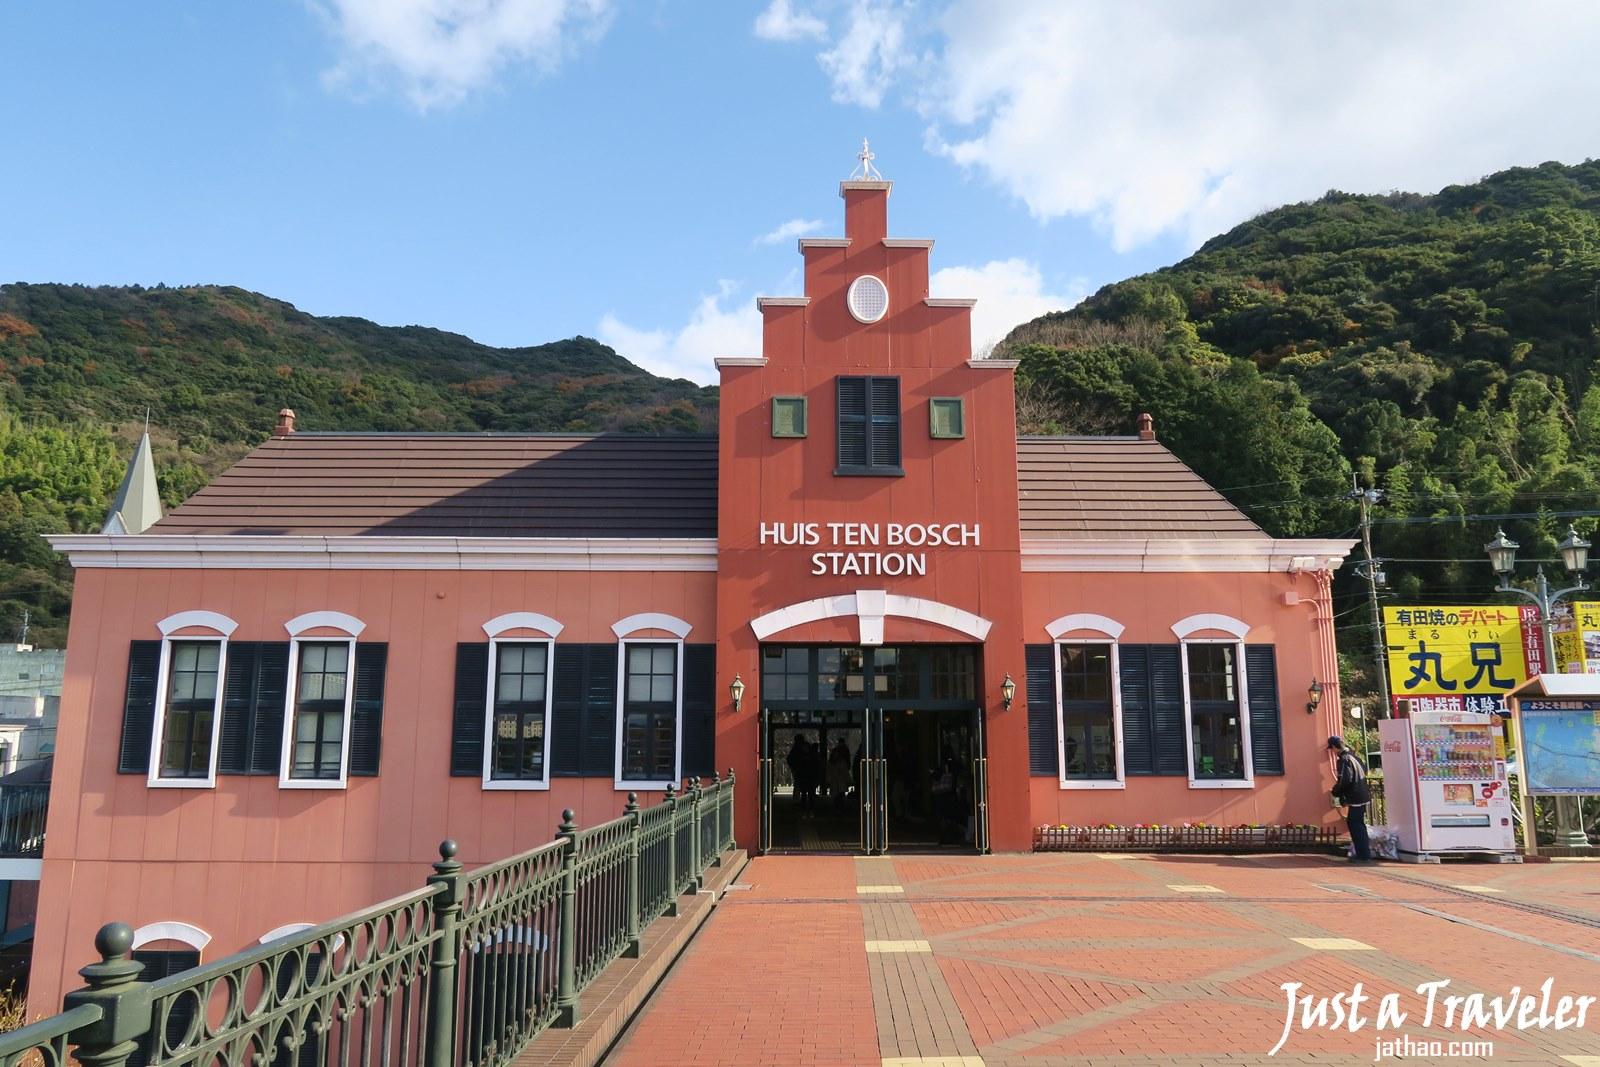 九州-長崎-景點-推薦-豪斯登堡-JR-交通-火車-行程-旅遊-自由行-Kyushu-Huis Ten Bosch-Travel-Japan